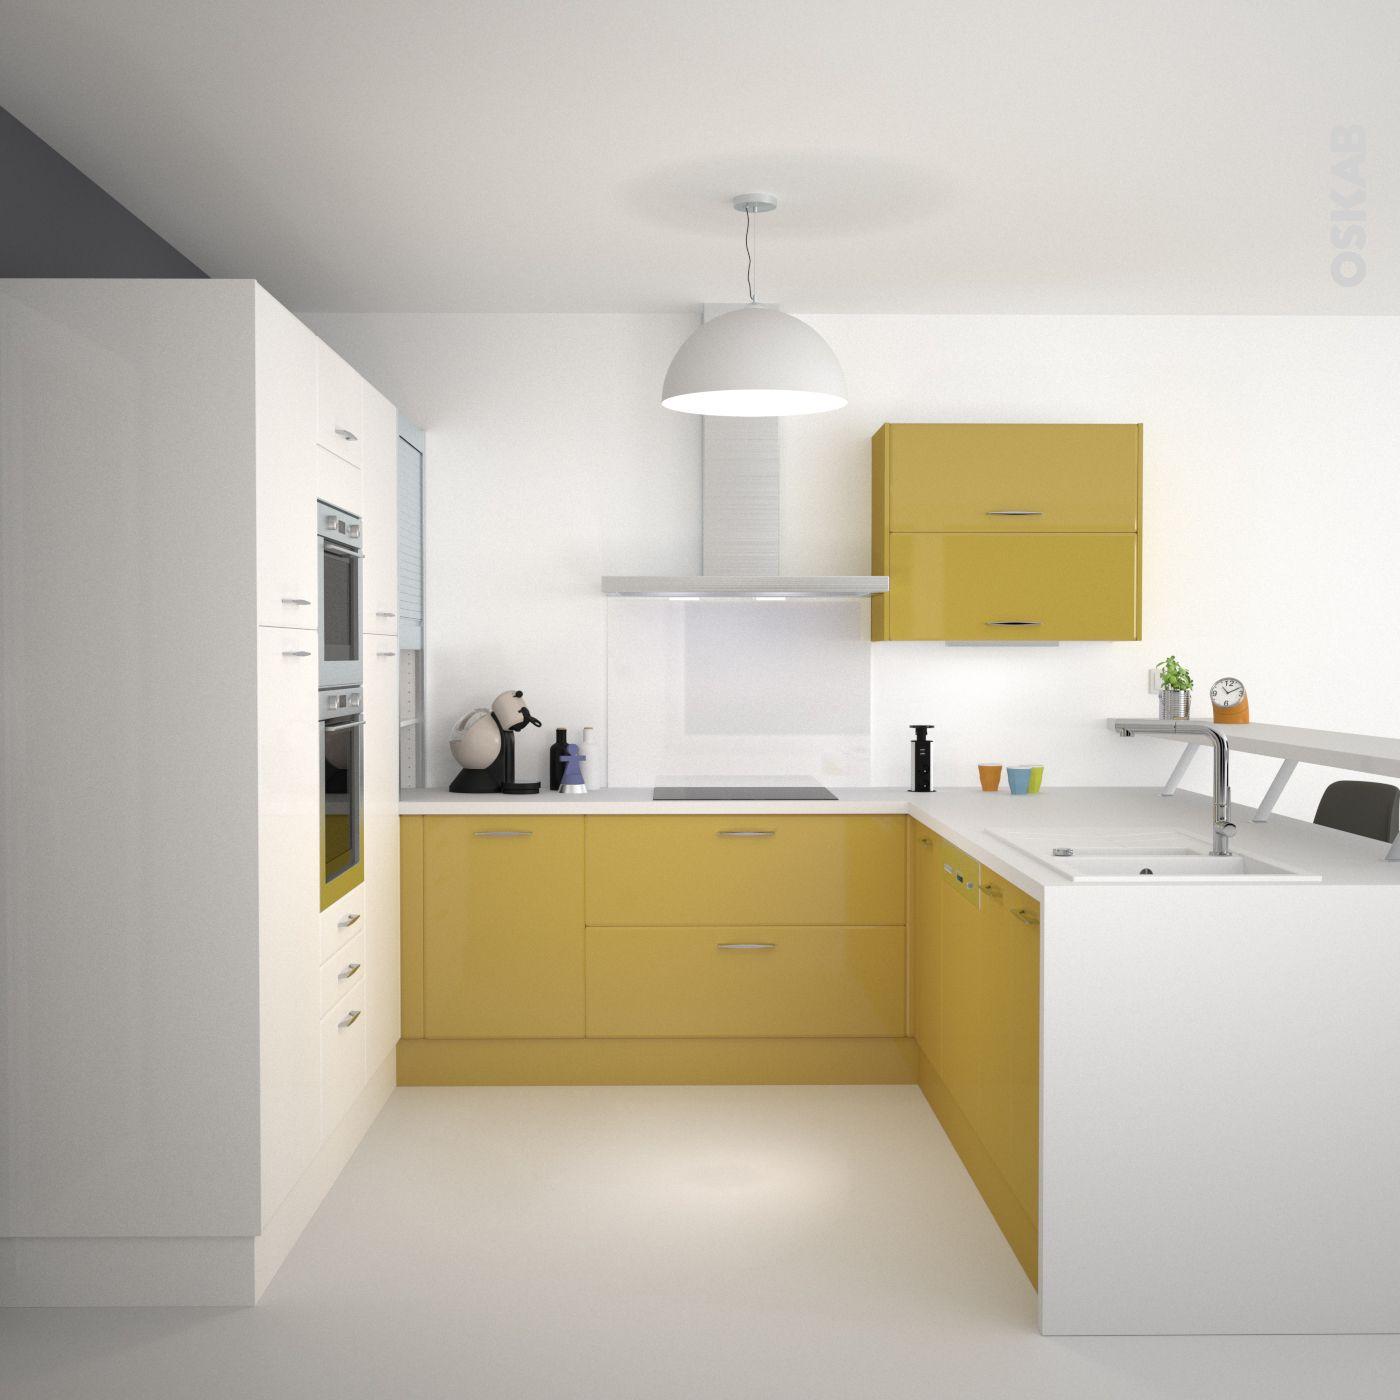 Cuisine jaune et blanche au style design et épuré, implantation en U ...